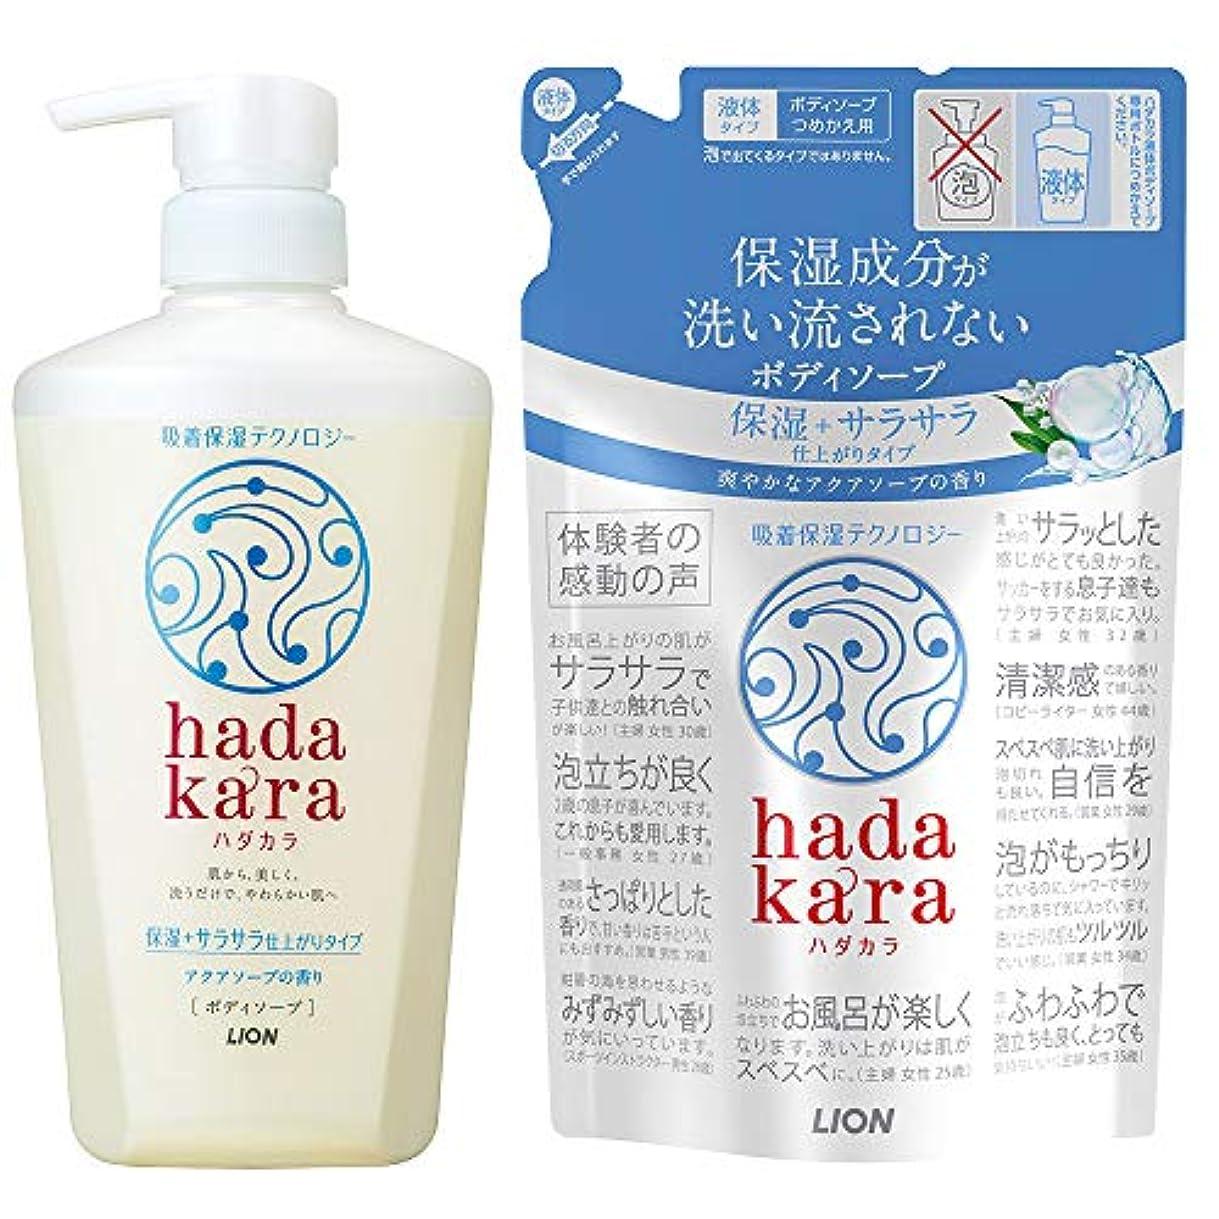 ぼかしより良い余分なhadakara(ハダカラ)ボディソープ 保湿+サラサラ仕上がりタイプ アクアソープの香り 本体 480ml + つめかえ 340ml